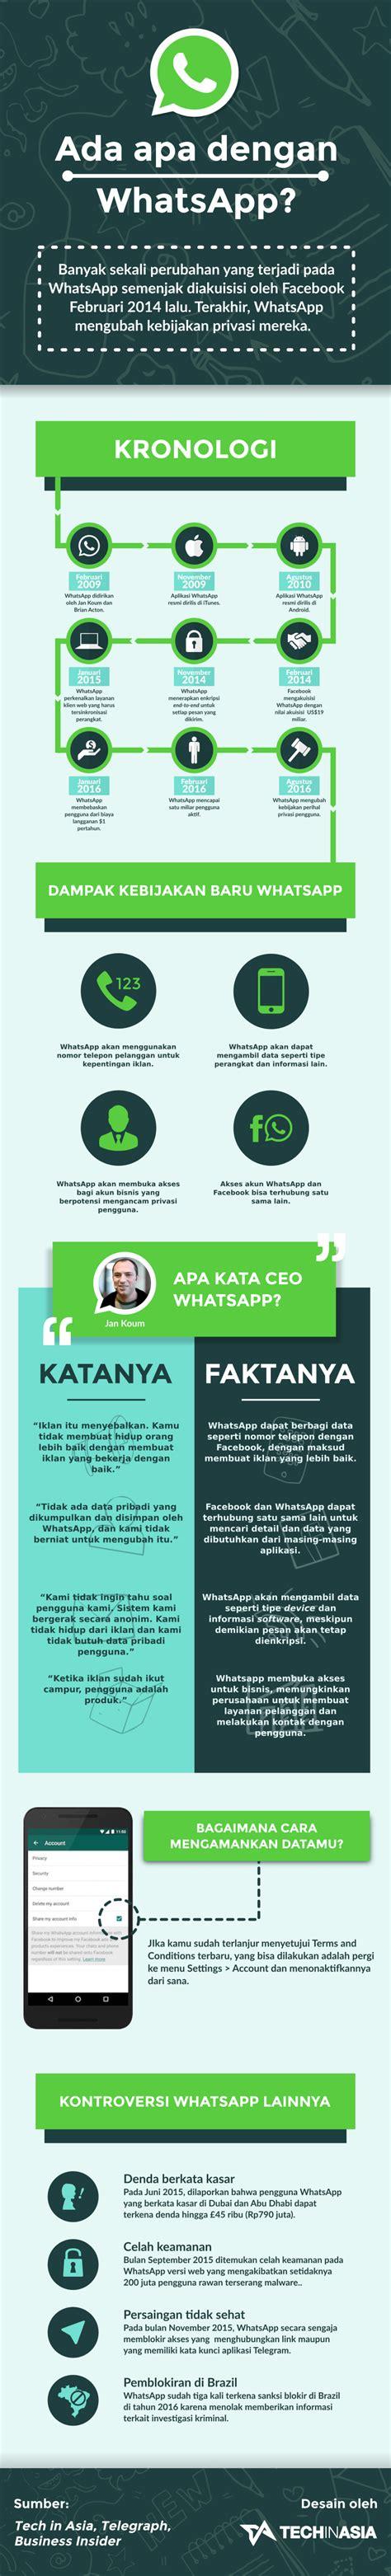 Infografis Kebijakan Privasi Whatsapp Yang Kontroversial